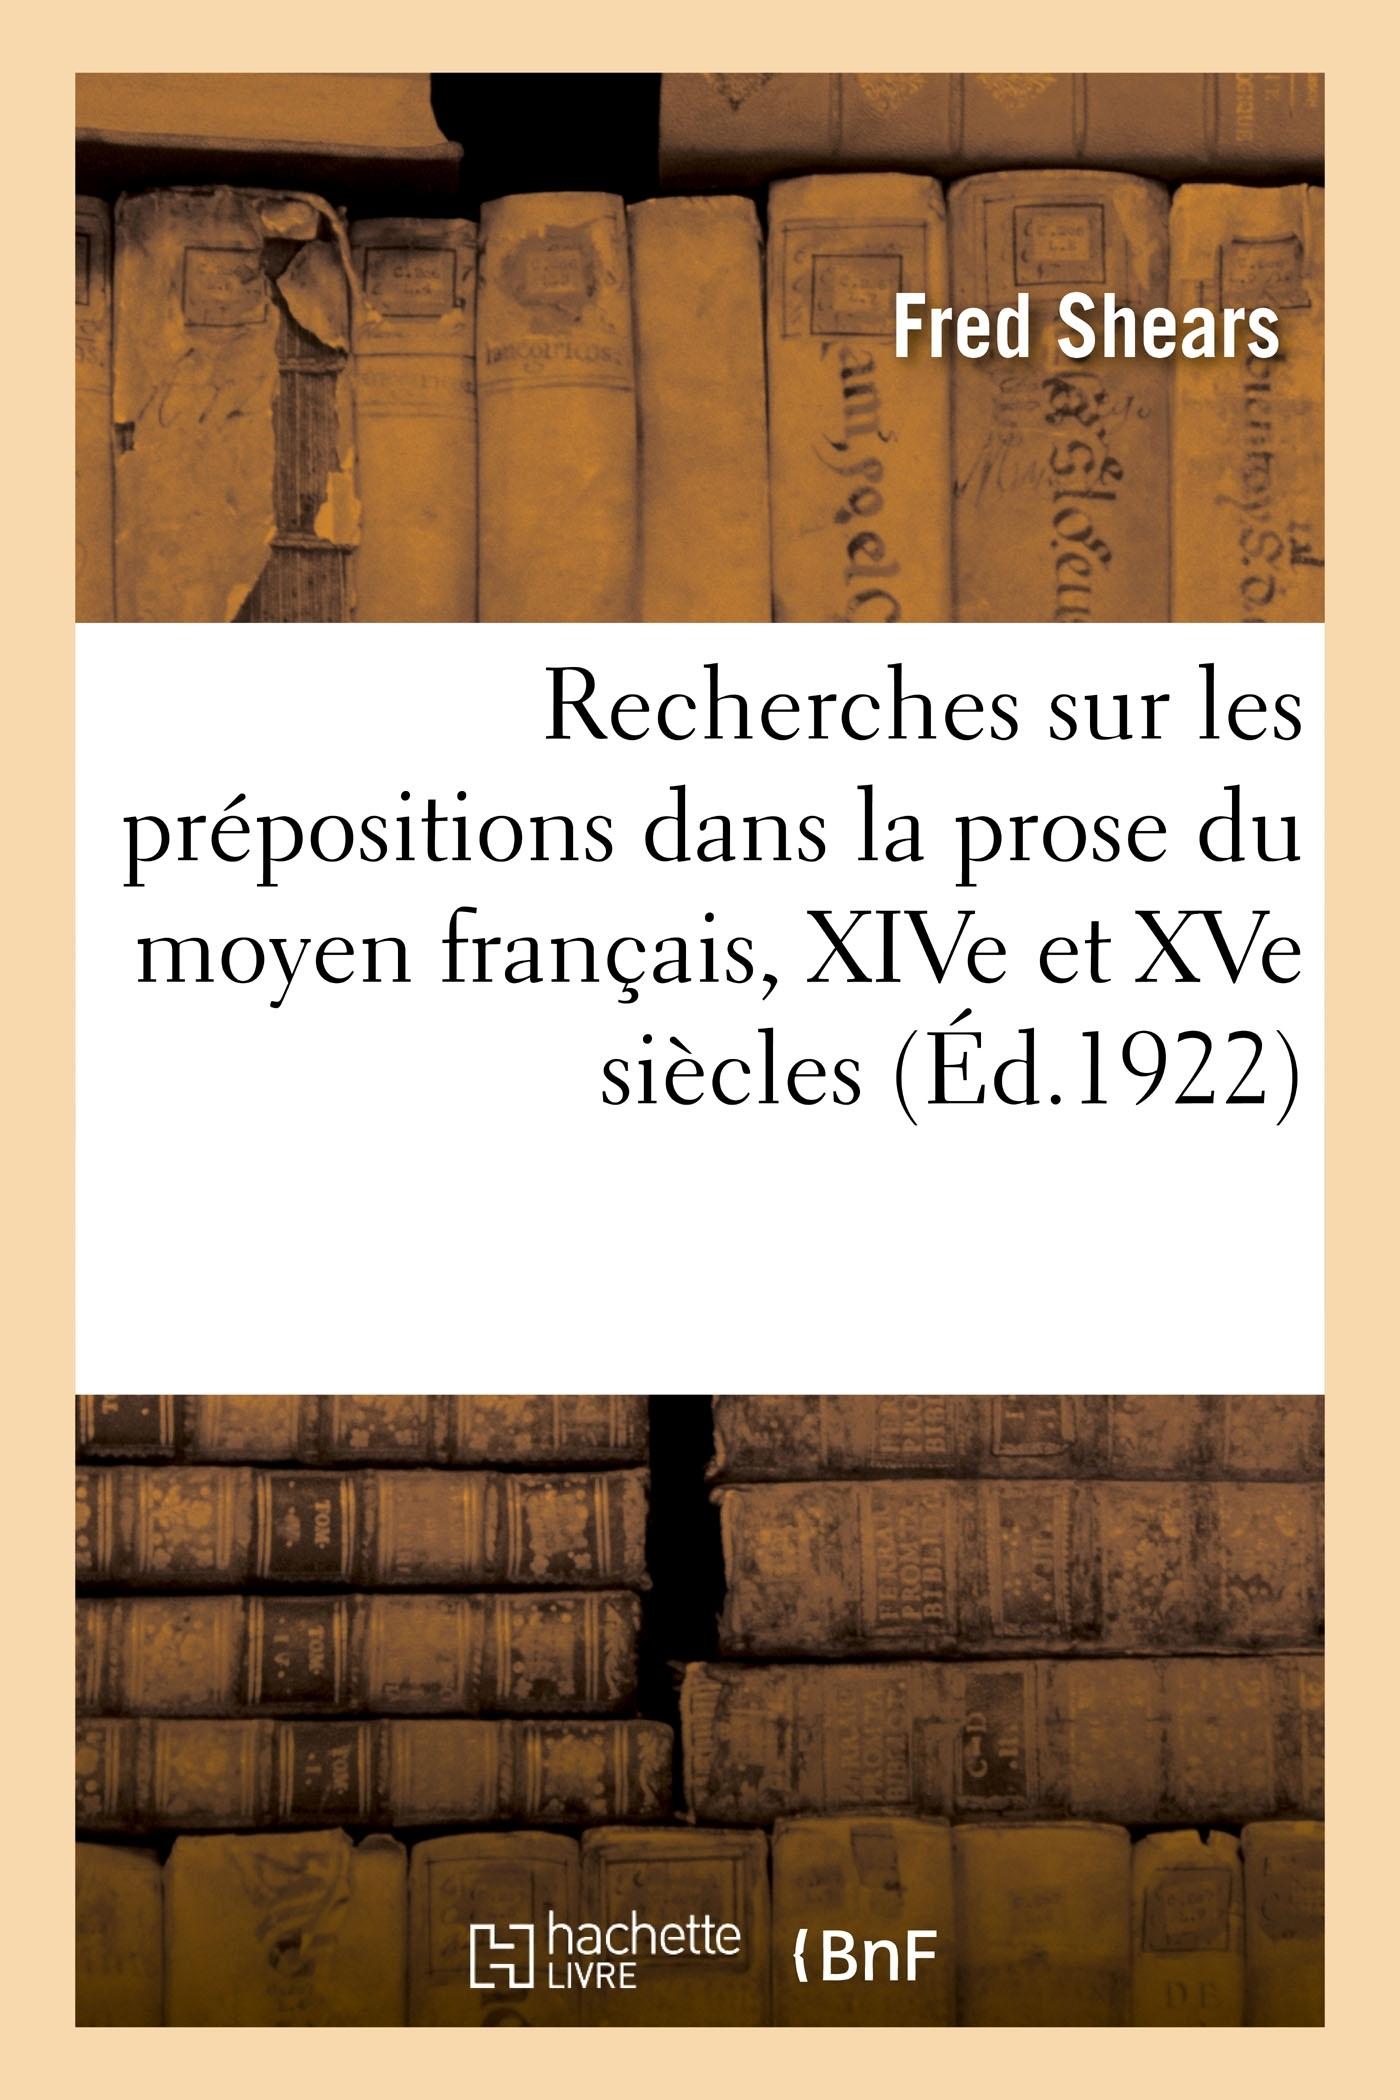 RECHERCHES SUR LES PREPOSITIONS DANS LA PROSE DU MOYEN FRANCAIS, XIVE ET XVE SIECLES